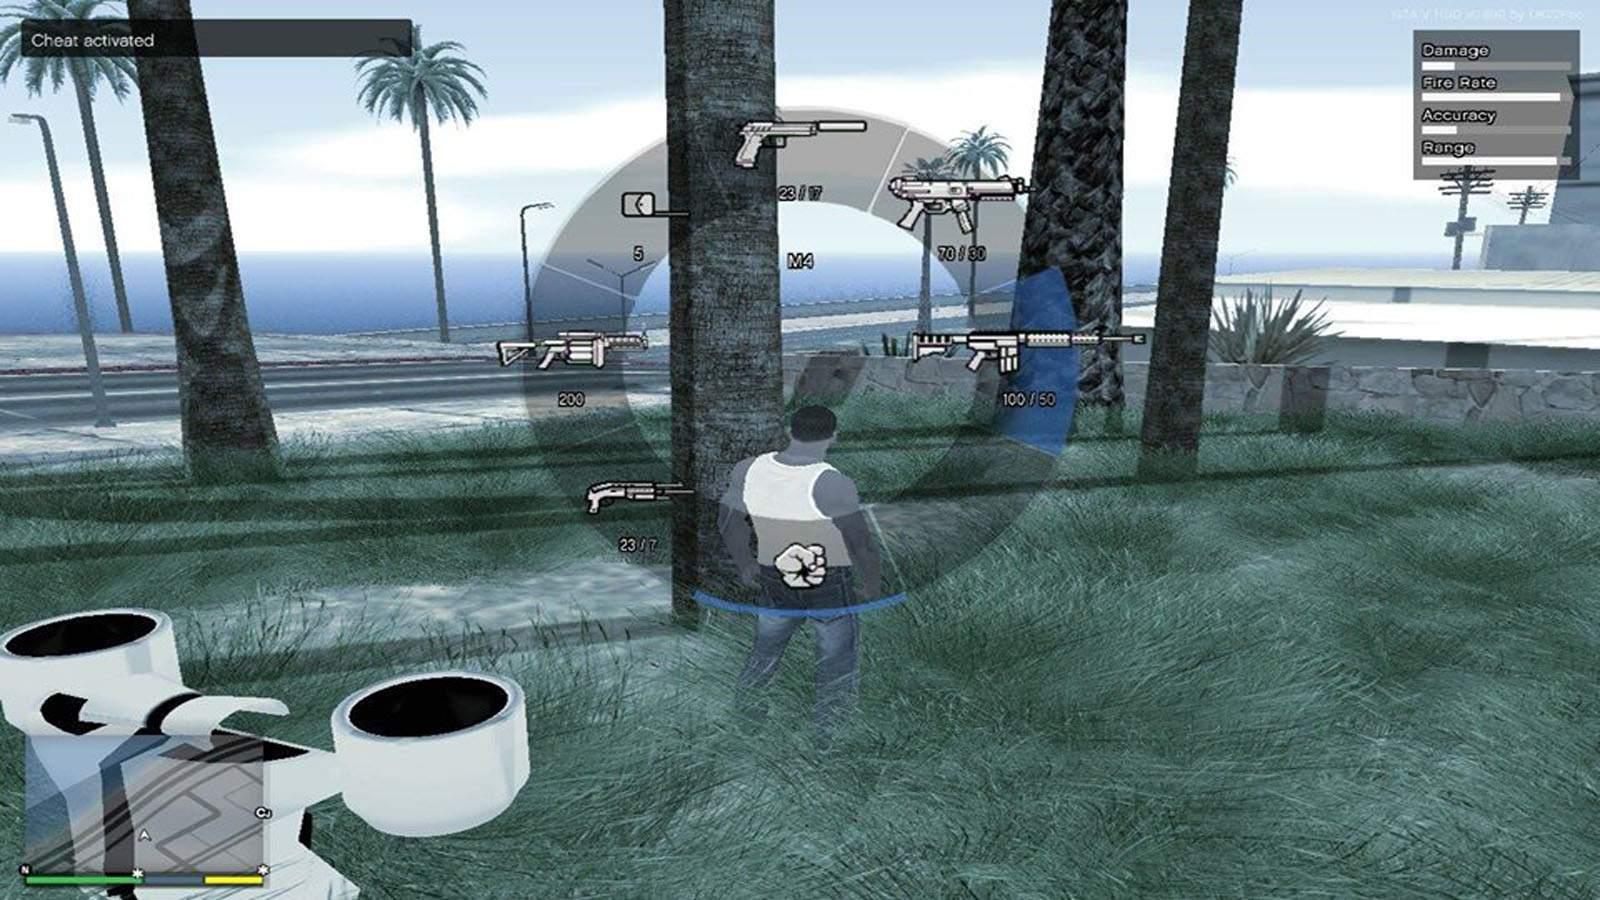 تحميل لعبة GTA V للاجهزة الضعيفة والمتوسطة مضغوطة كاملة بروابط مباشرة مجانا